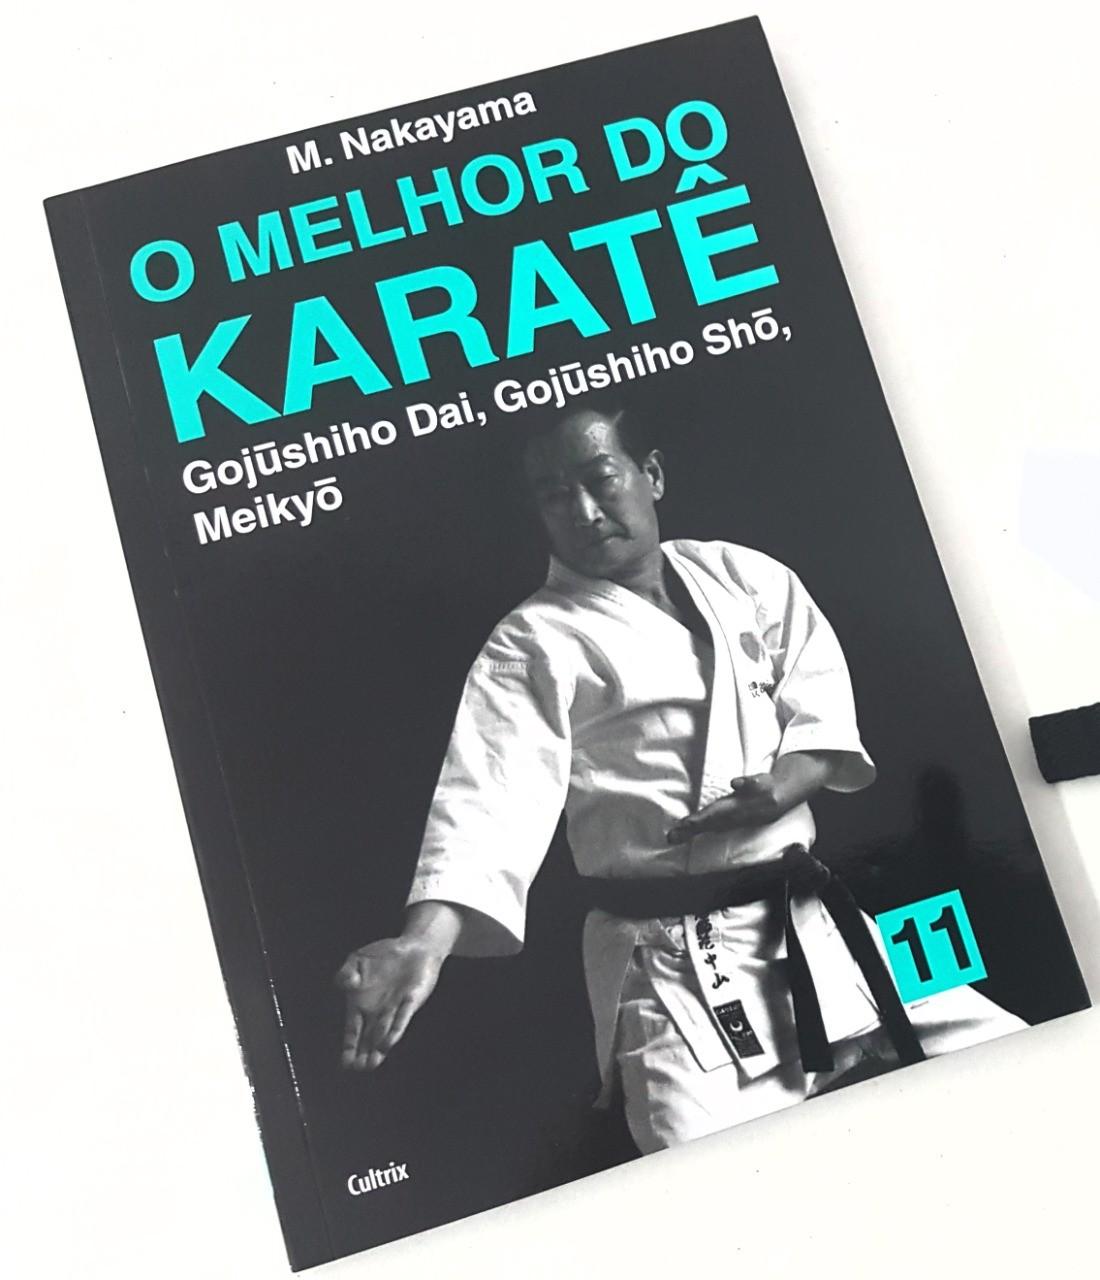 Livro Melhor do Karate Volume 11 - Gojushiho Dai, Gojushiho Sho e Meikio